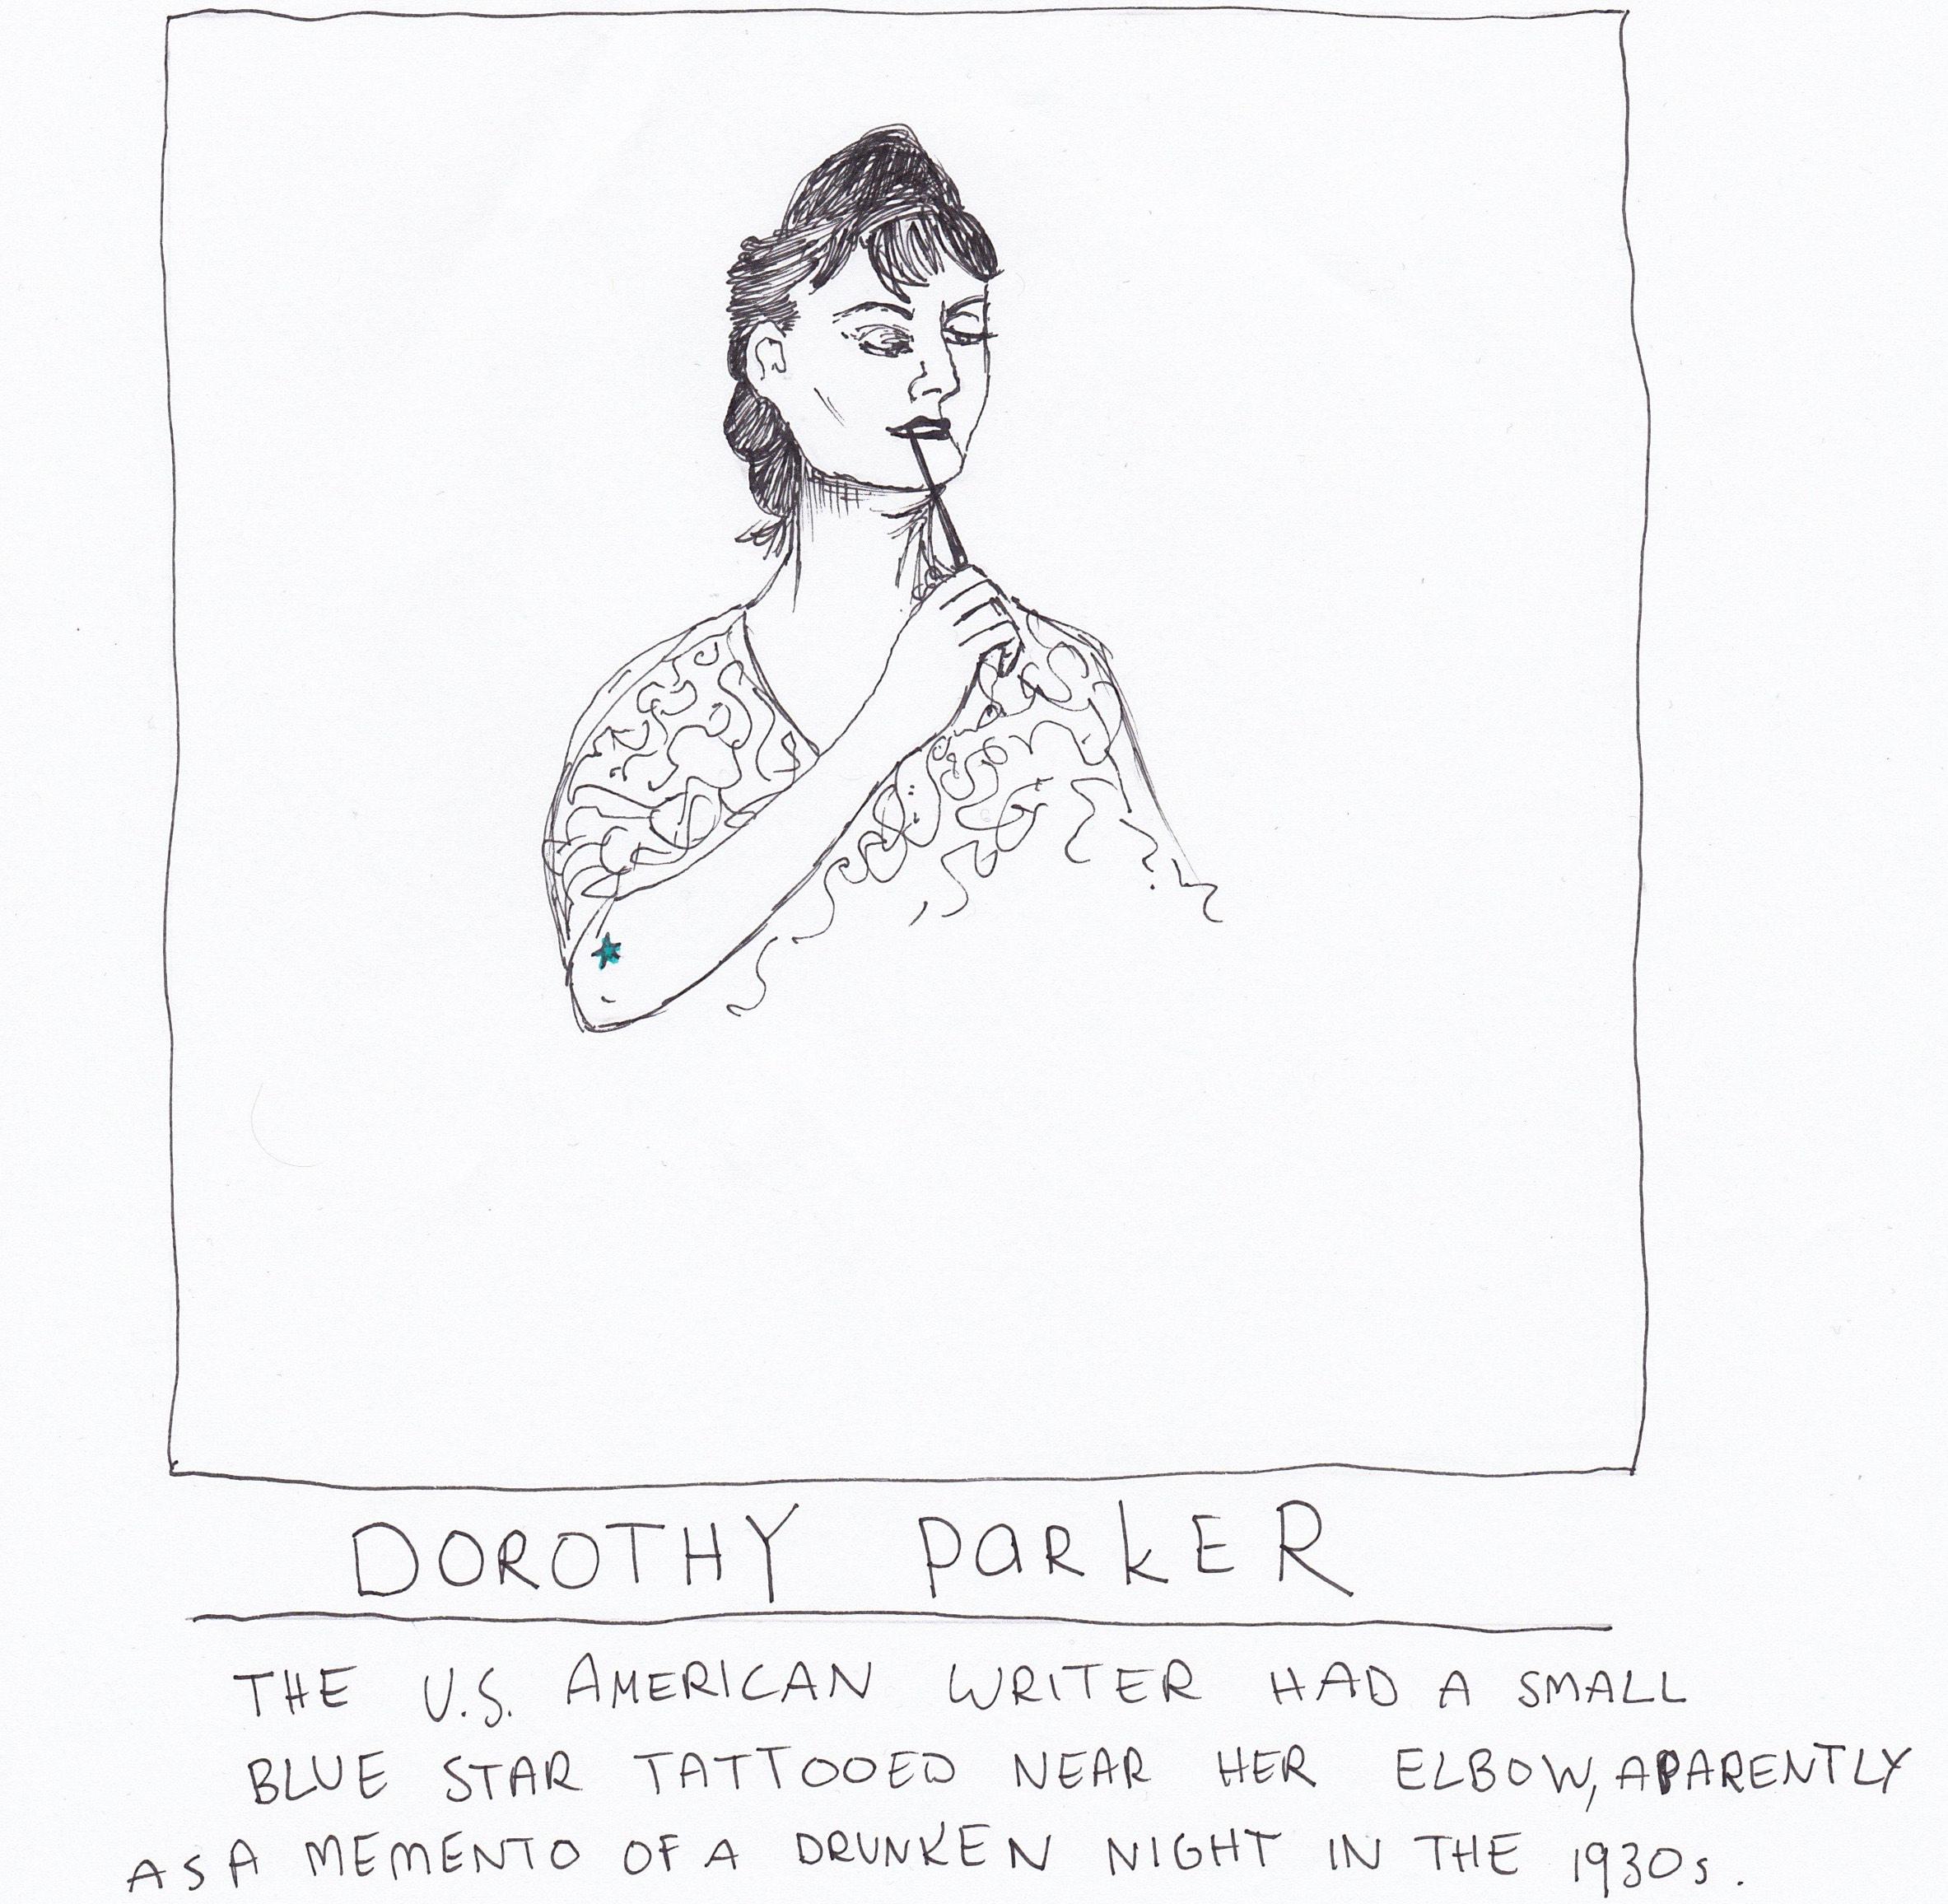 dorothy parker transparent bck.png